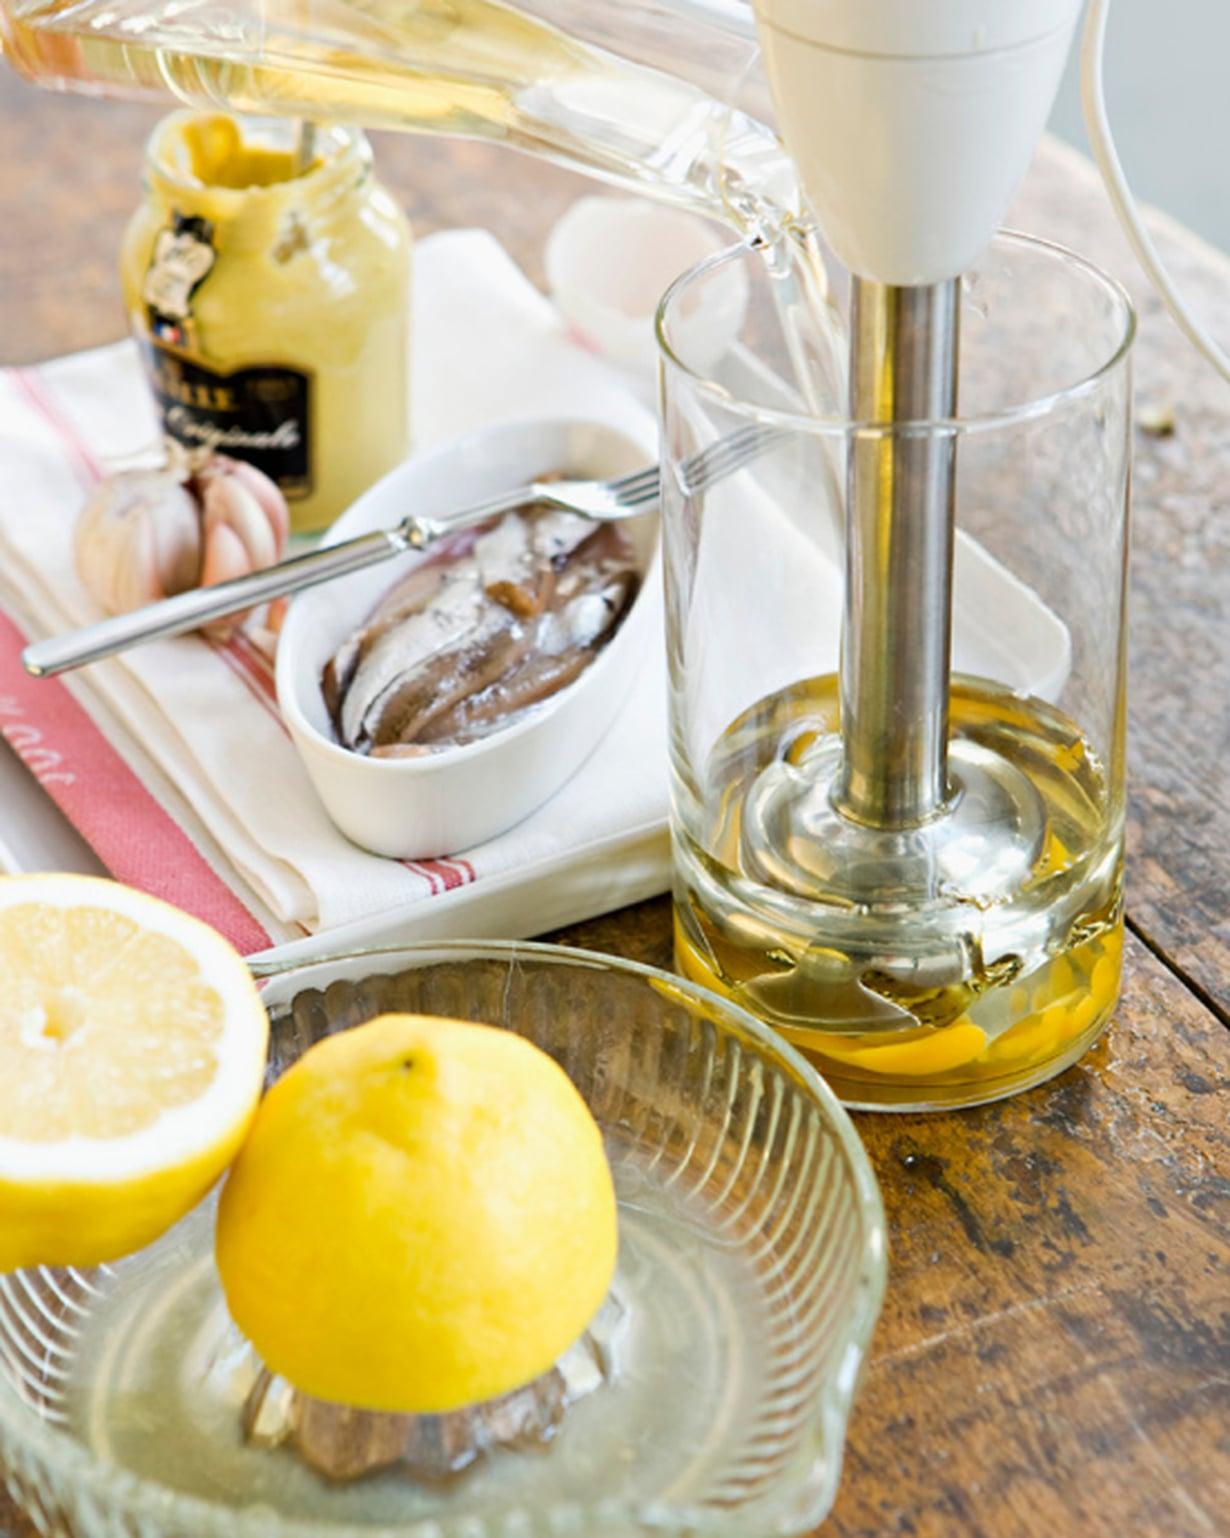 Riko huoneenlämpöinen muna korkeareunaiseen kulhoon. Lisää sinappi. Laita sauvasekoitin kulhon pohjalle ja kaada päälle huoneenlämpöinen öljy.